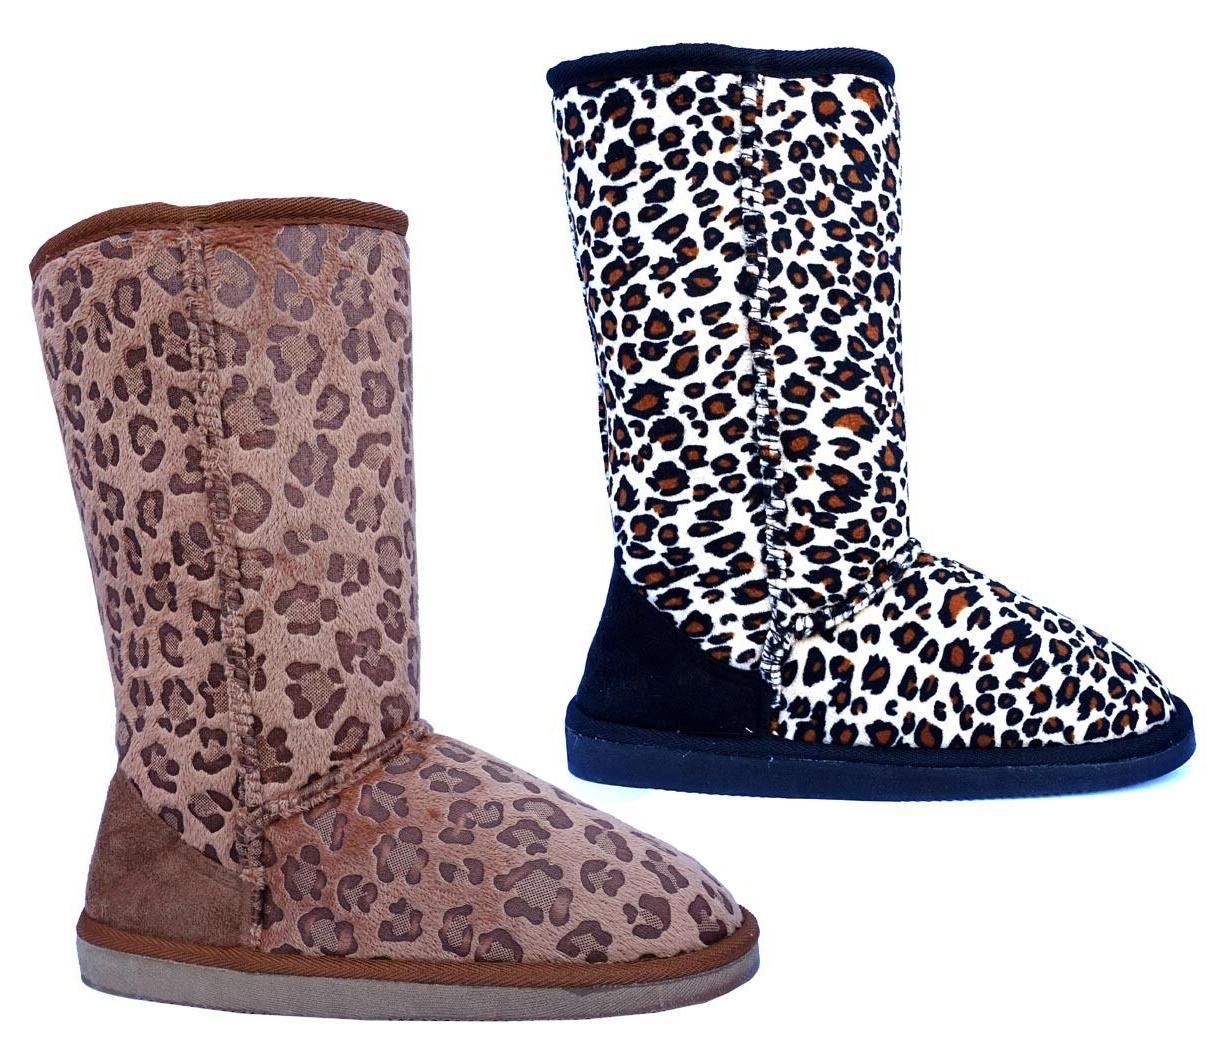 NEW Snow Boots Winter Heel -430